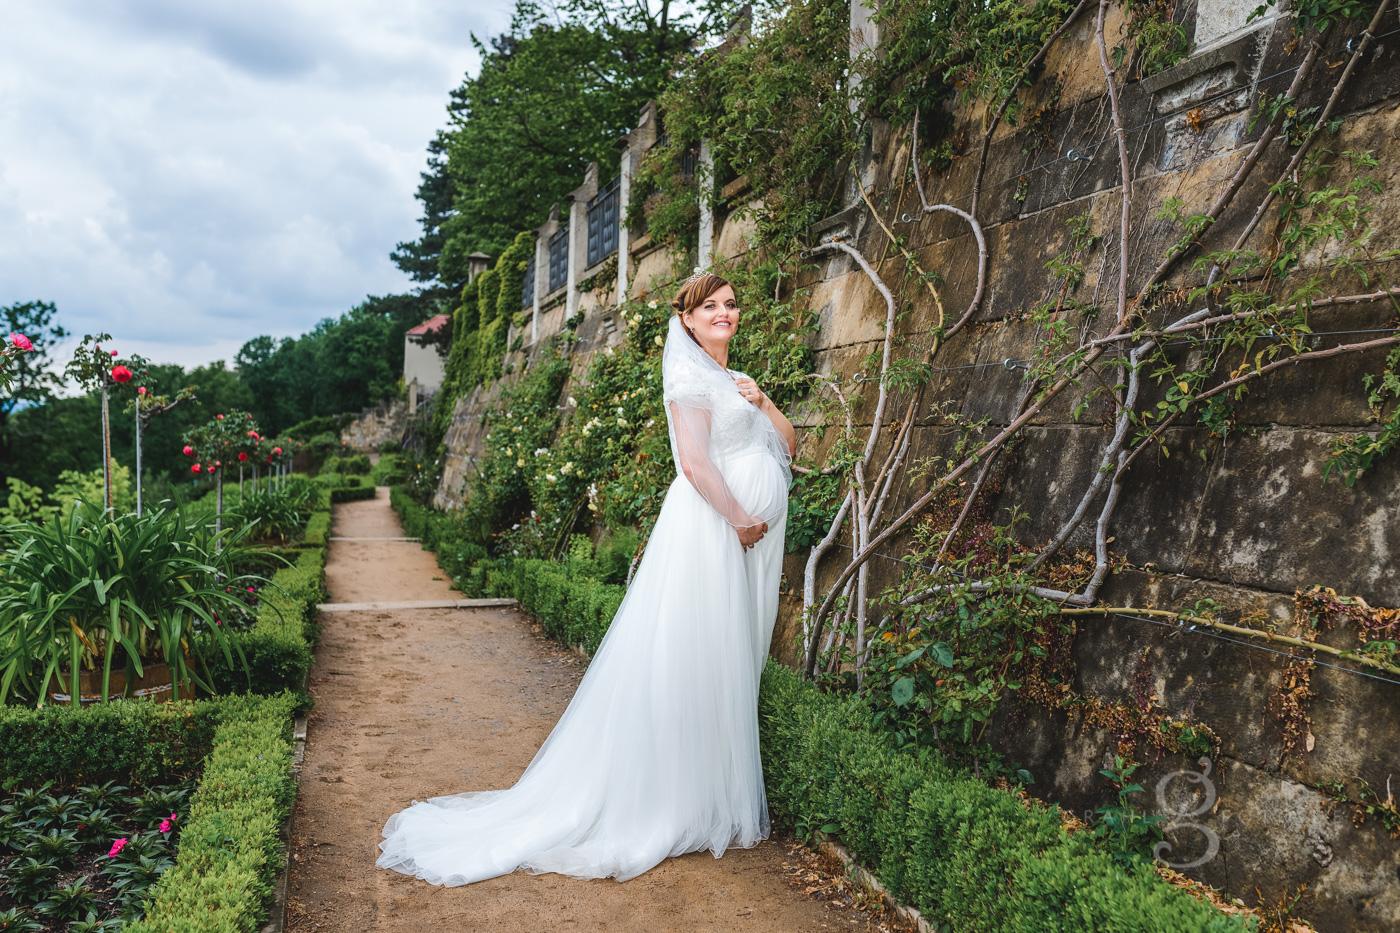 Grahlfoto Hochzeit Fotobeispiel in der Originalfarbe